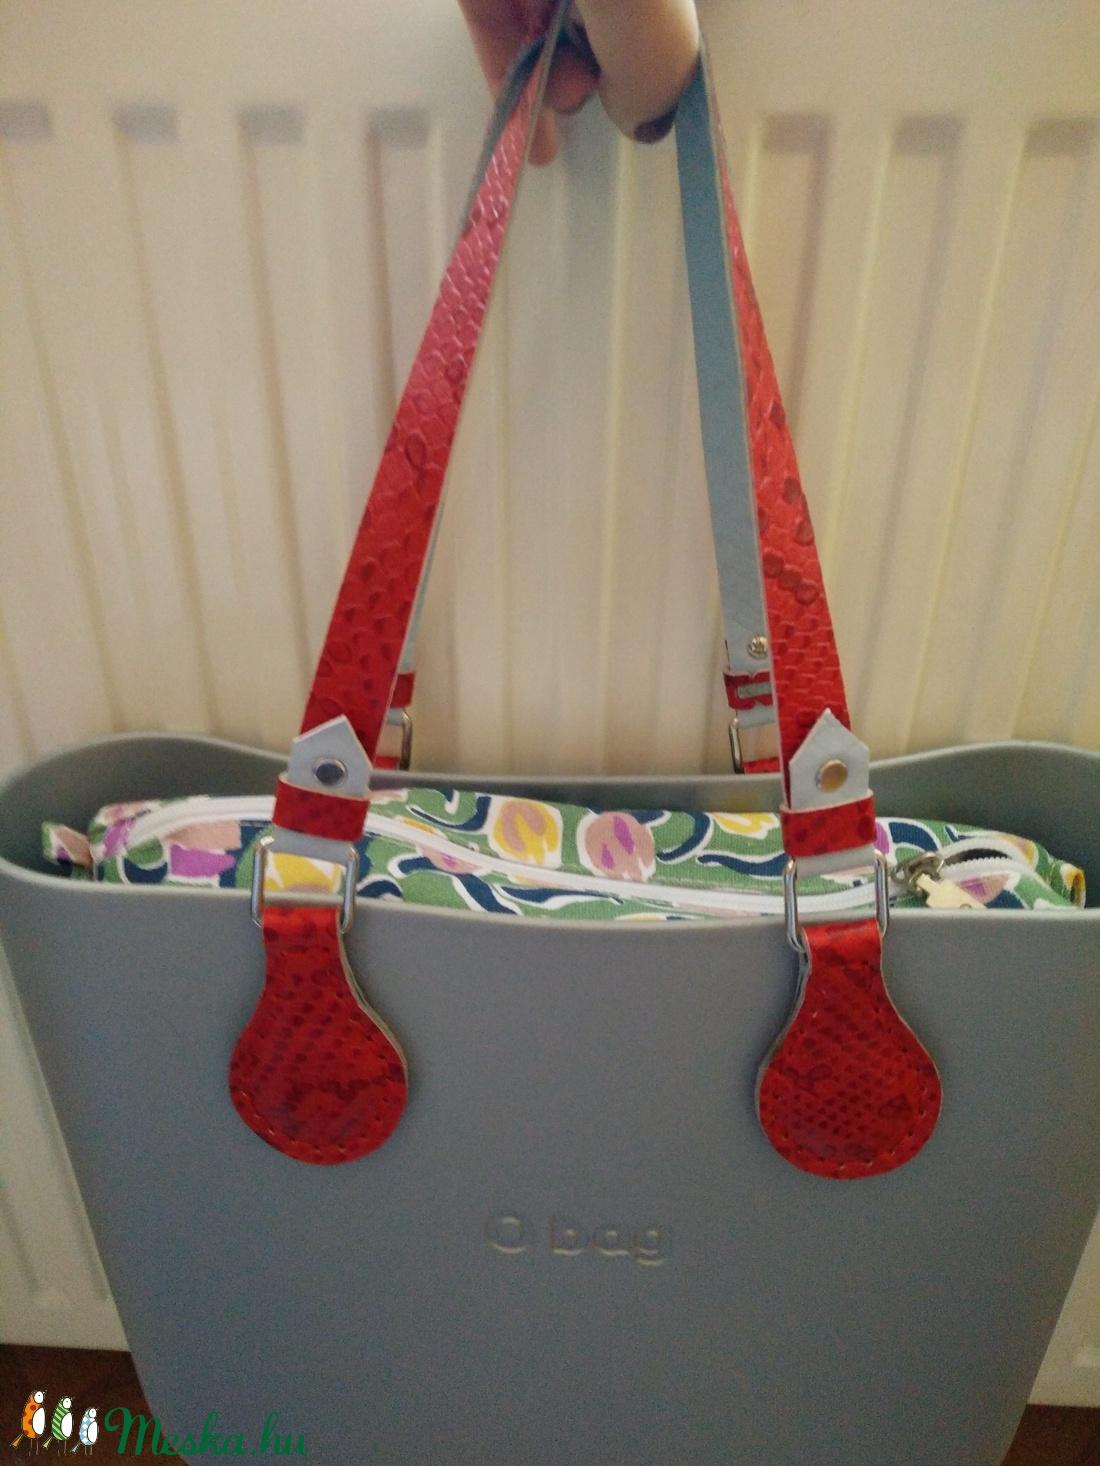 Mindkét oldalán használható O bag táskafül csodaszép kígyóbőr utánzatú valódi bőrből - táska & tok - táskapánt & alkatrész - Meska.hu